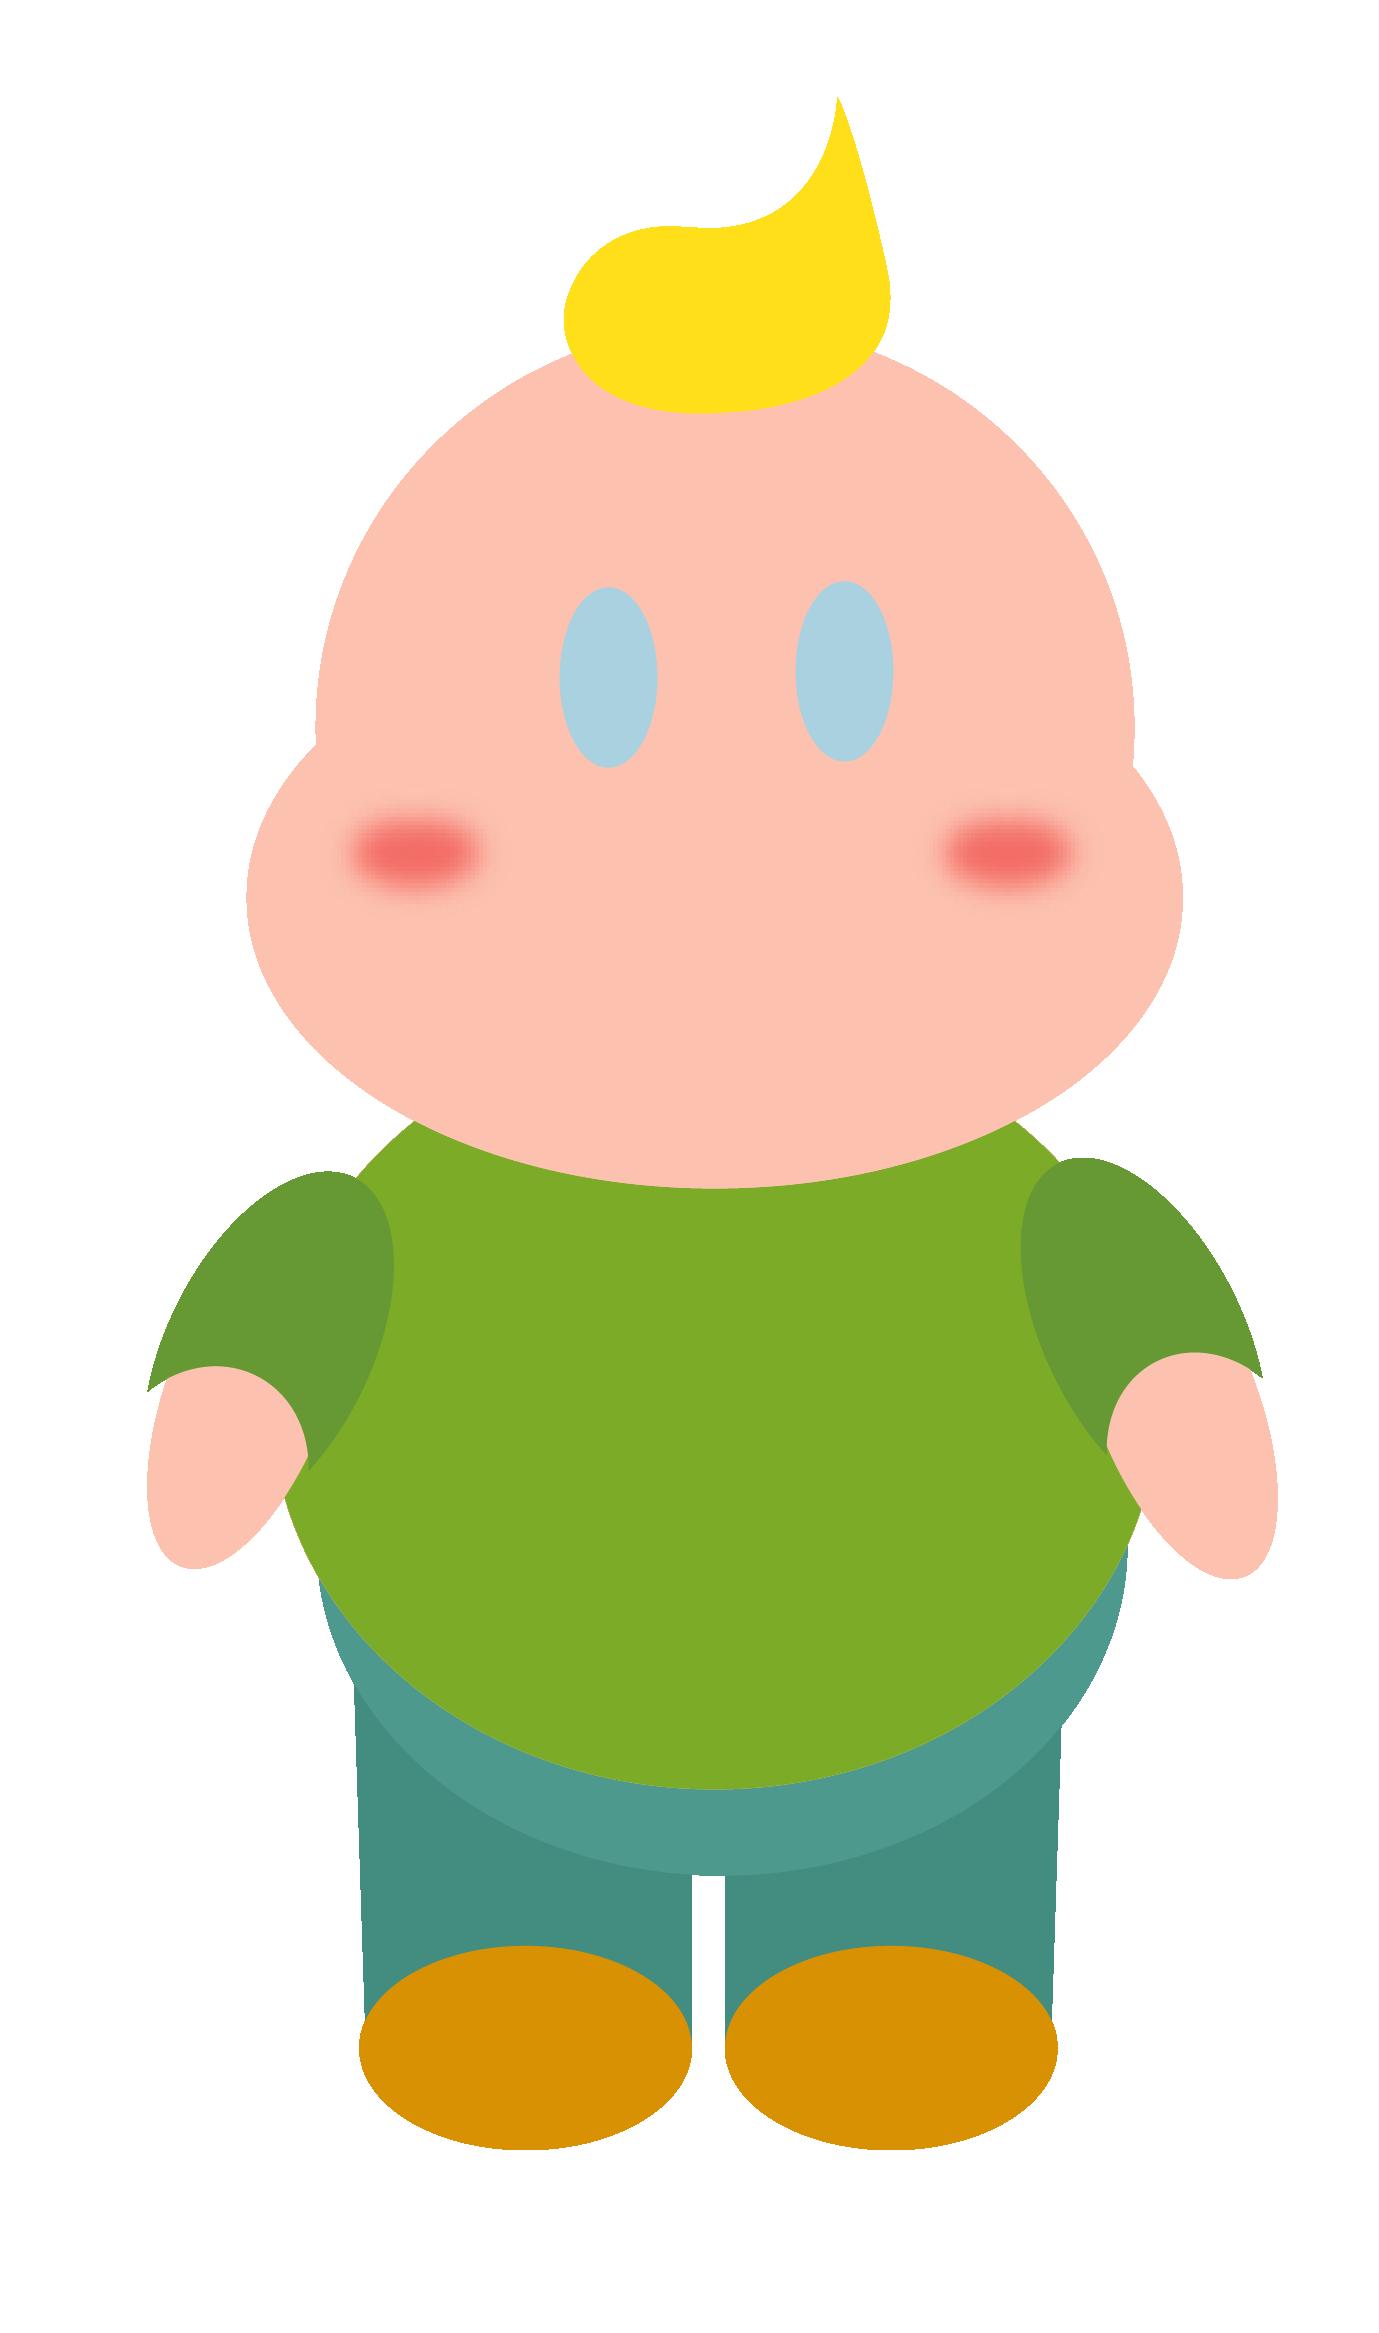 Character Views